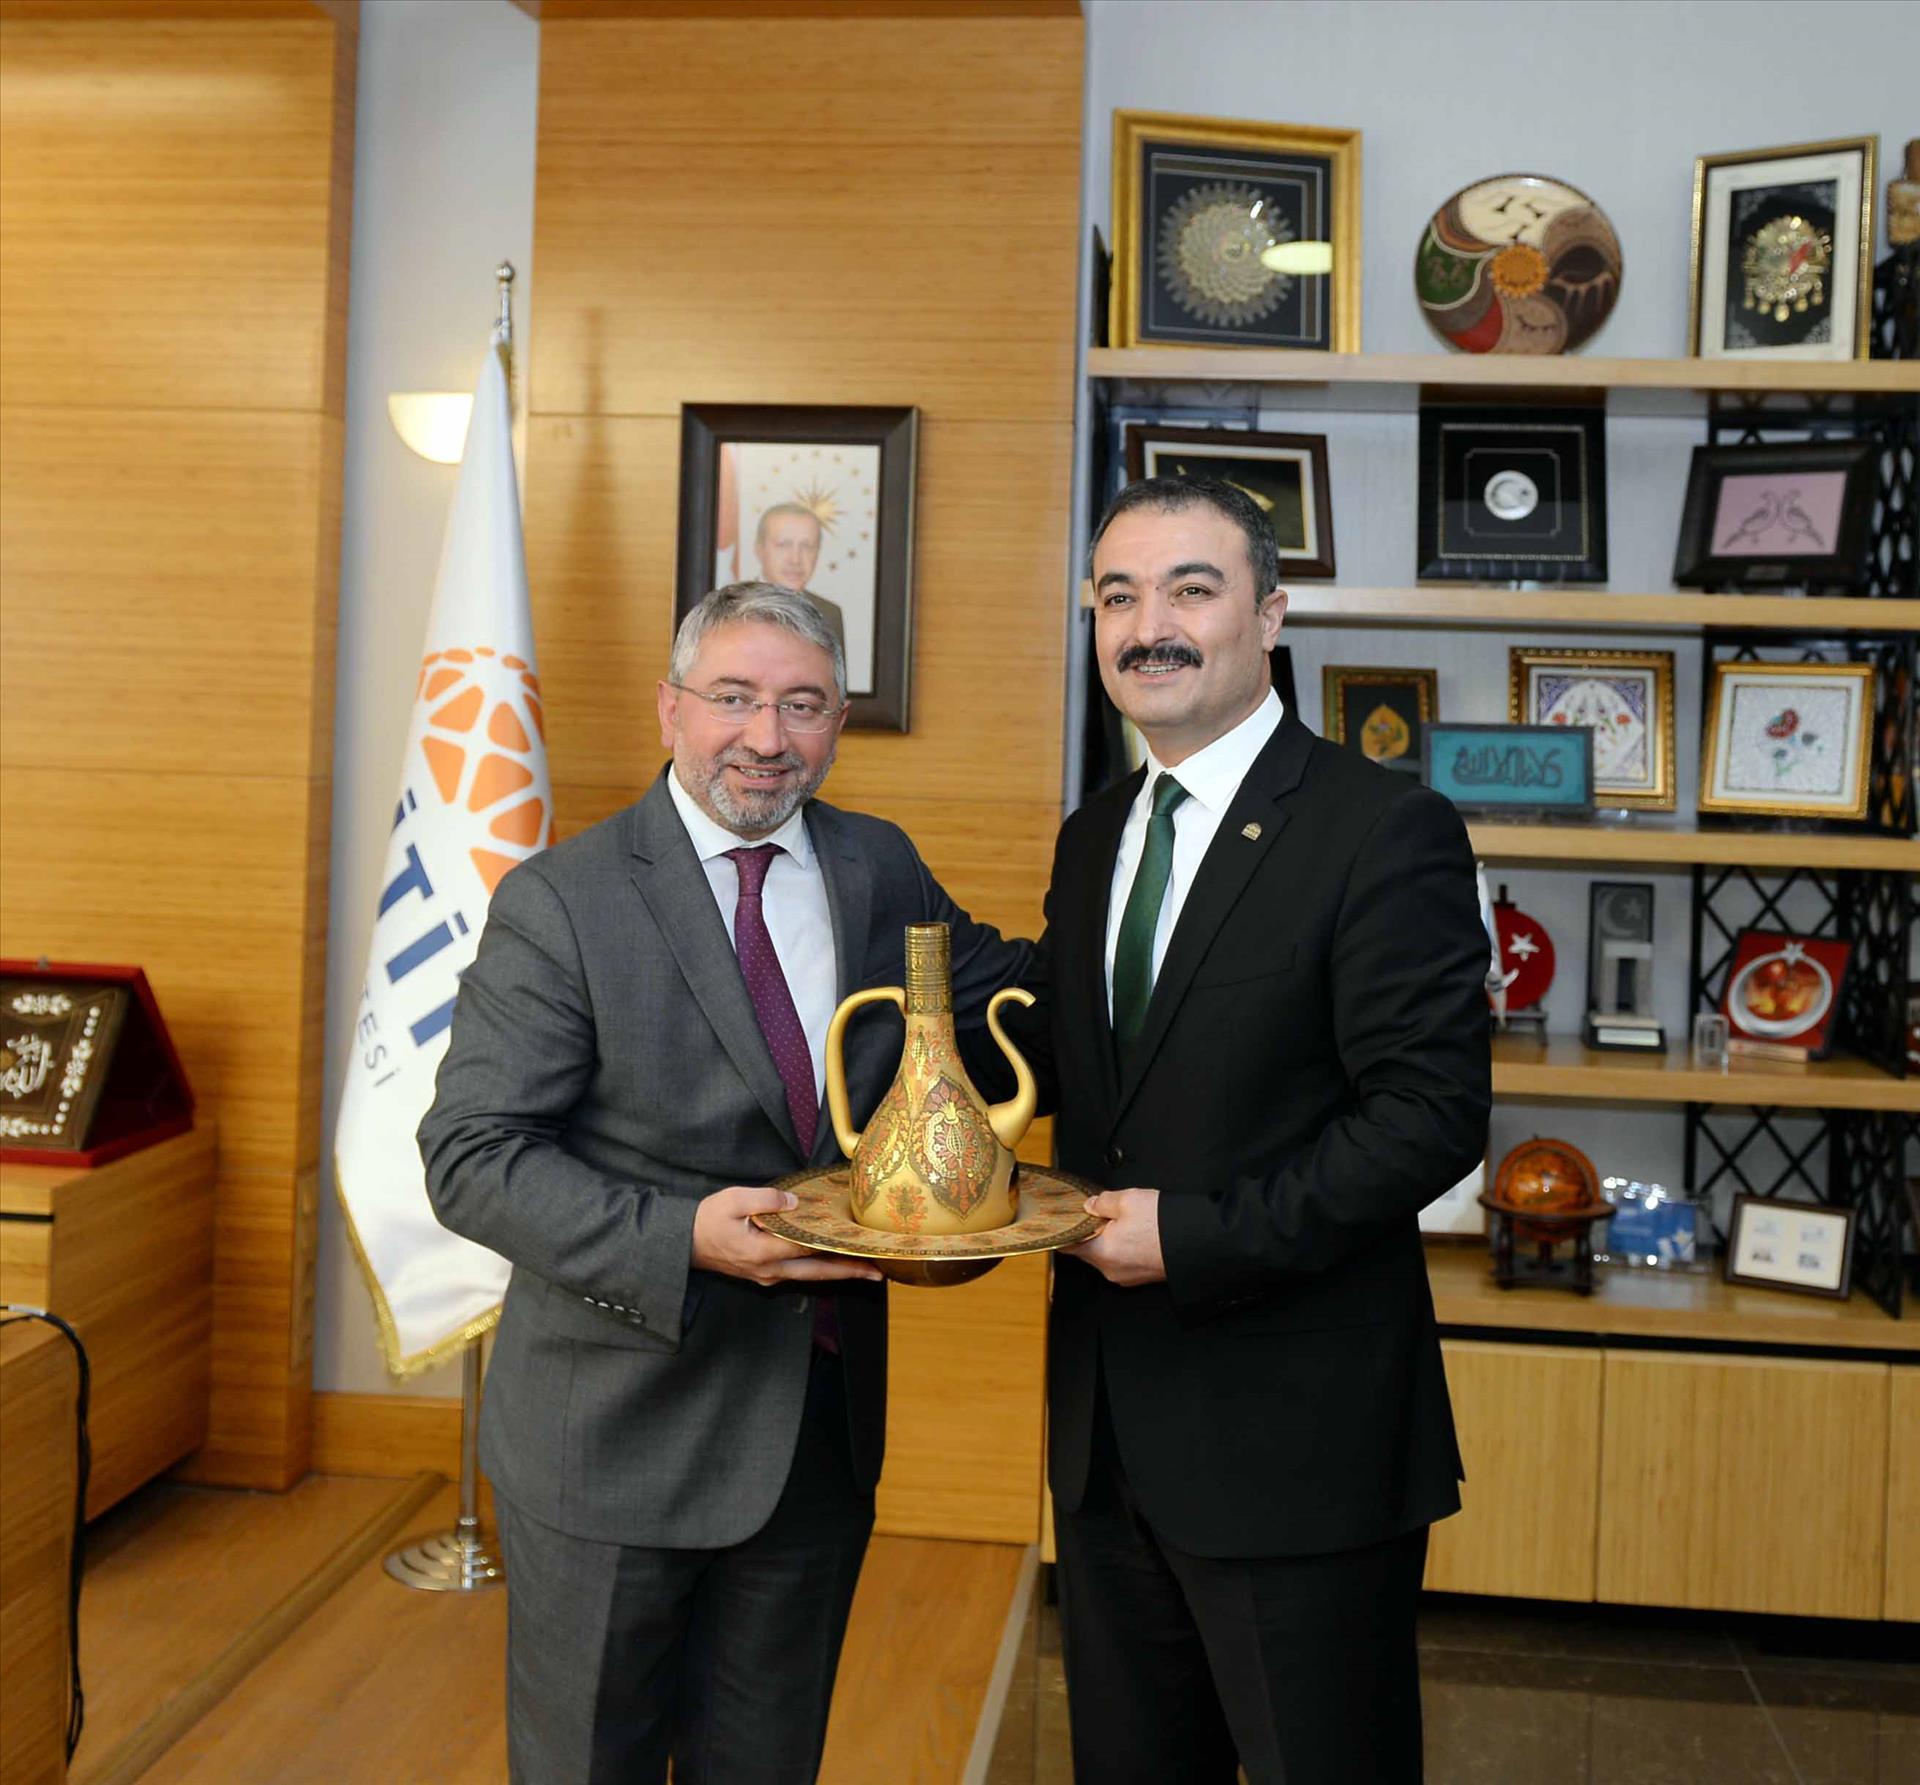 Çorum Belediye Başkanı Dr. Aşgın'dan Rektörümüze Hayırlı Olsun Ziyareti